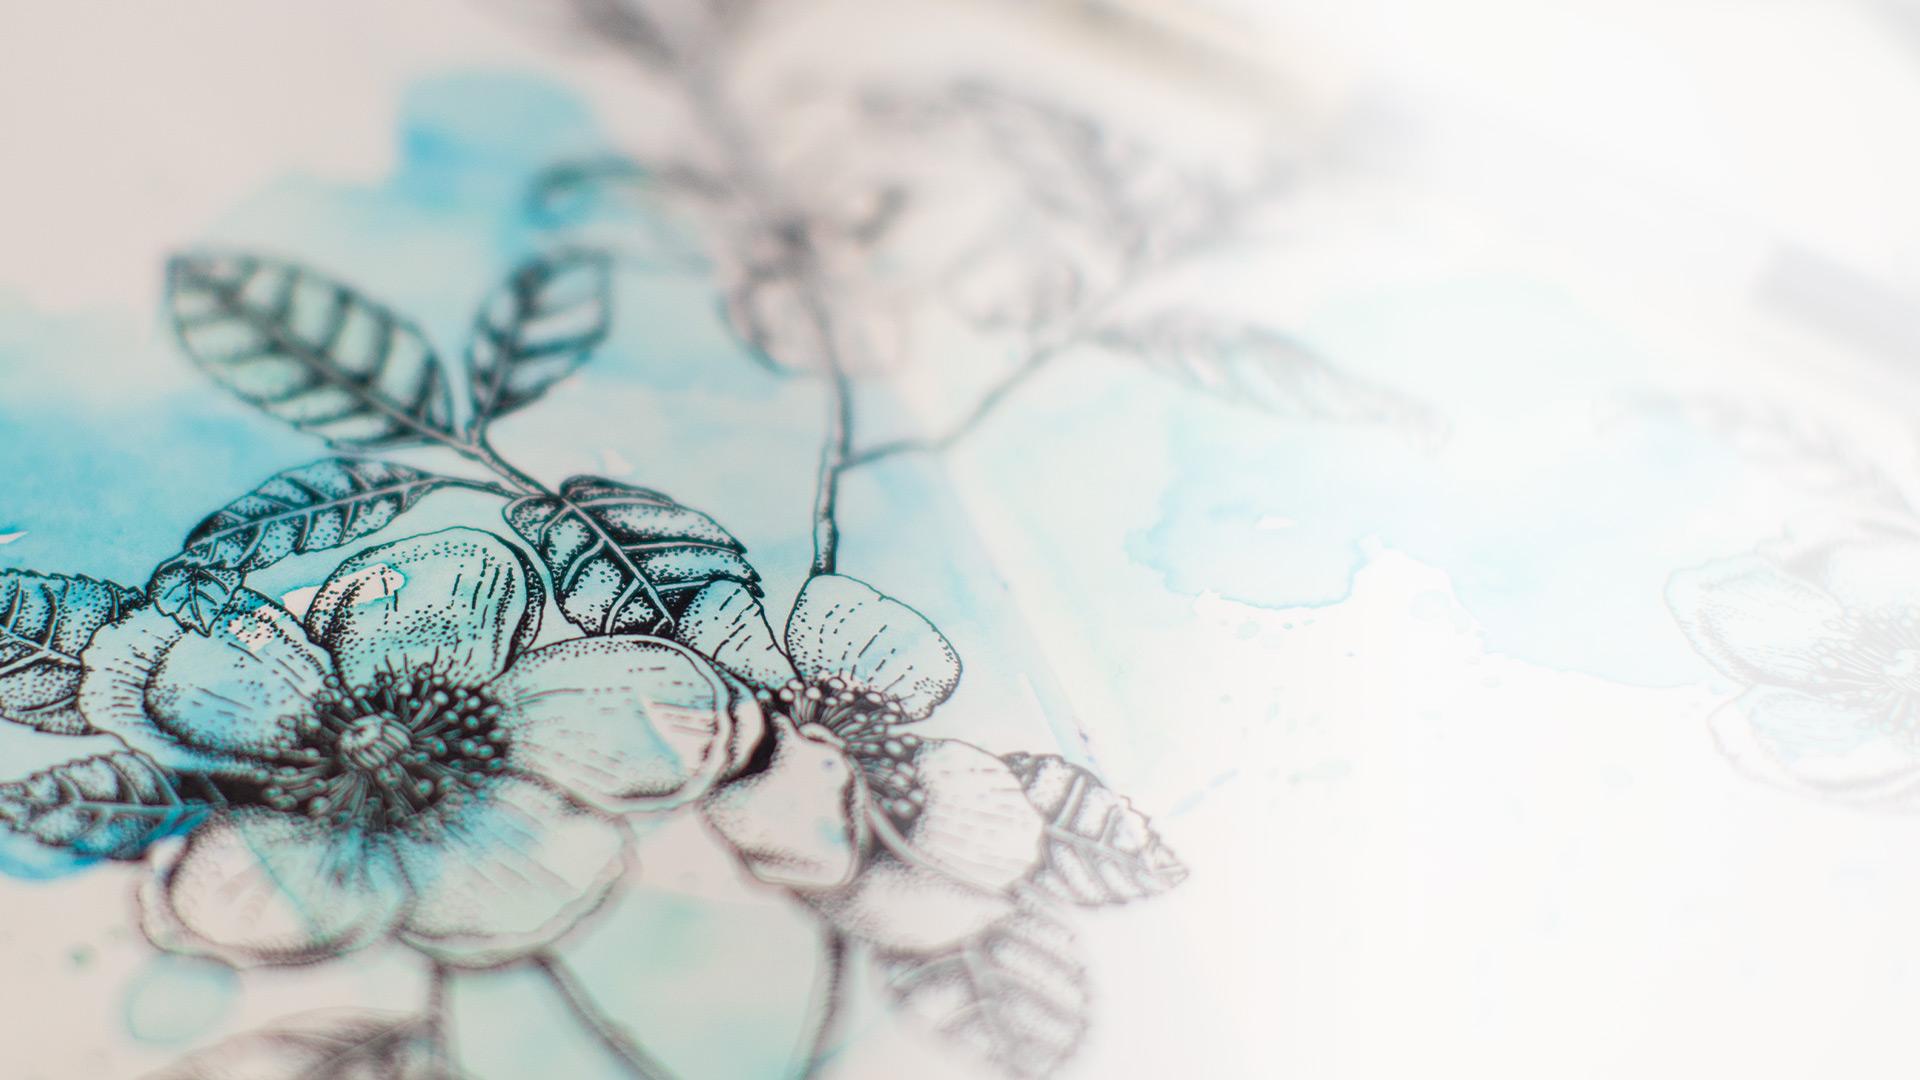 Μπλε σχέδιο λουλουδιών σε μορφή ακουαρέλας